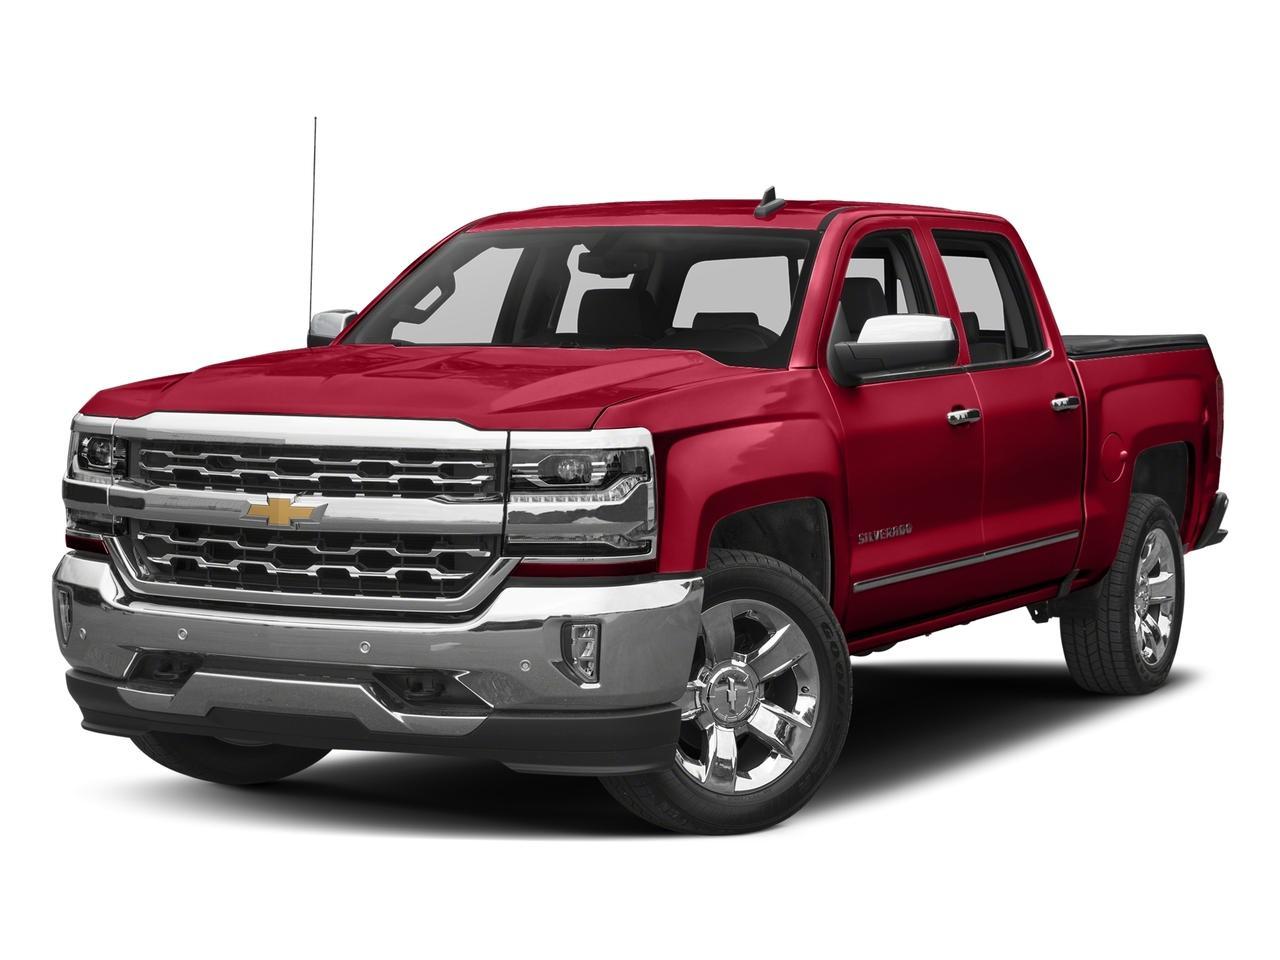 2018 Chevrolet Silverado 1500 Vehicle Photo in Owensboro, KY 42303